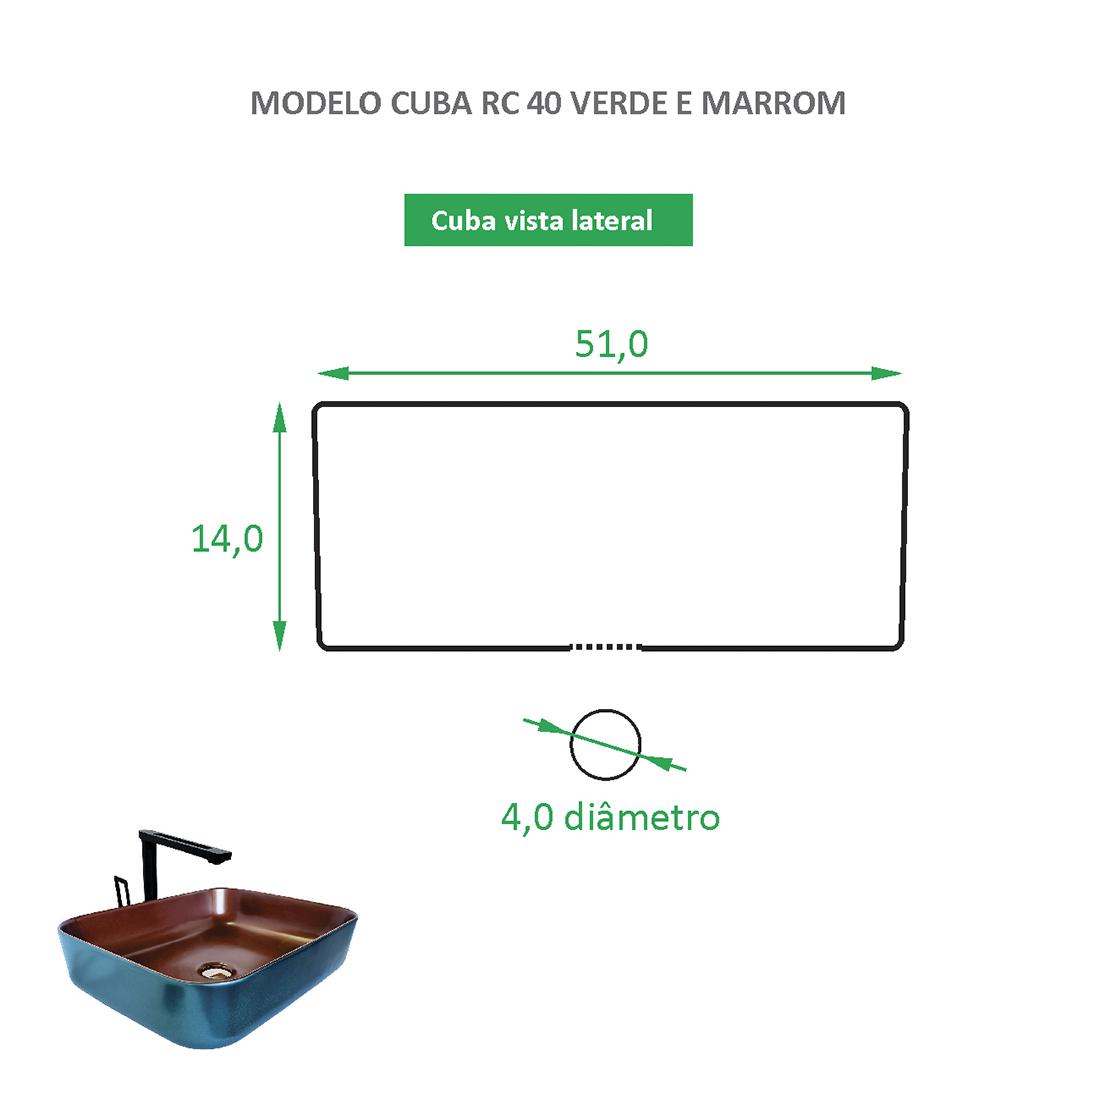 Cuba de Apoio Cerâmica Reno RC 40 verde e rose gold - Novidade